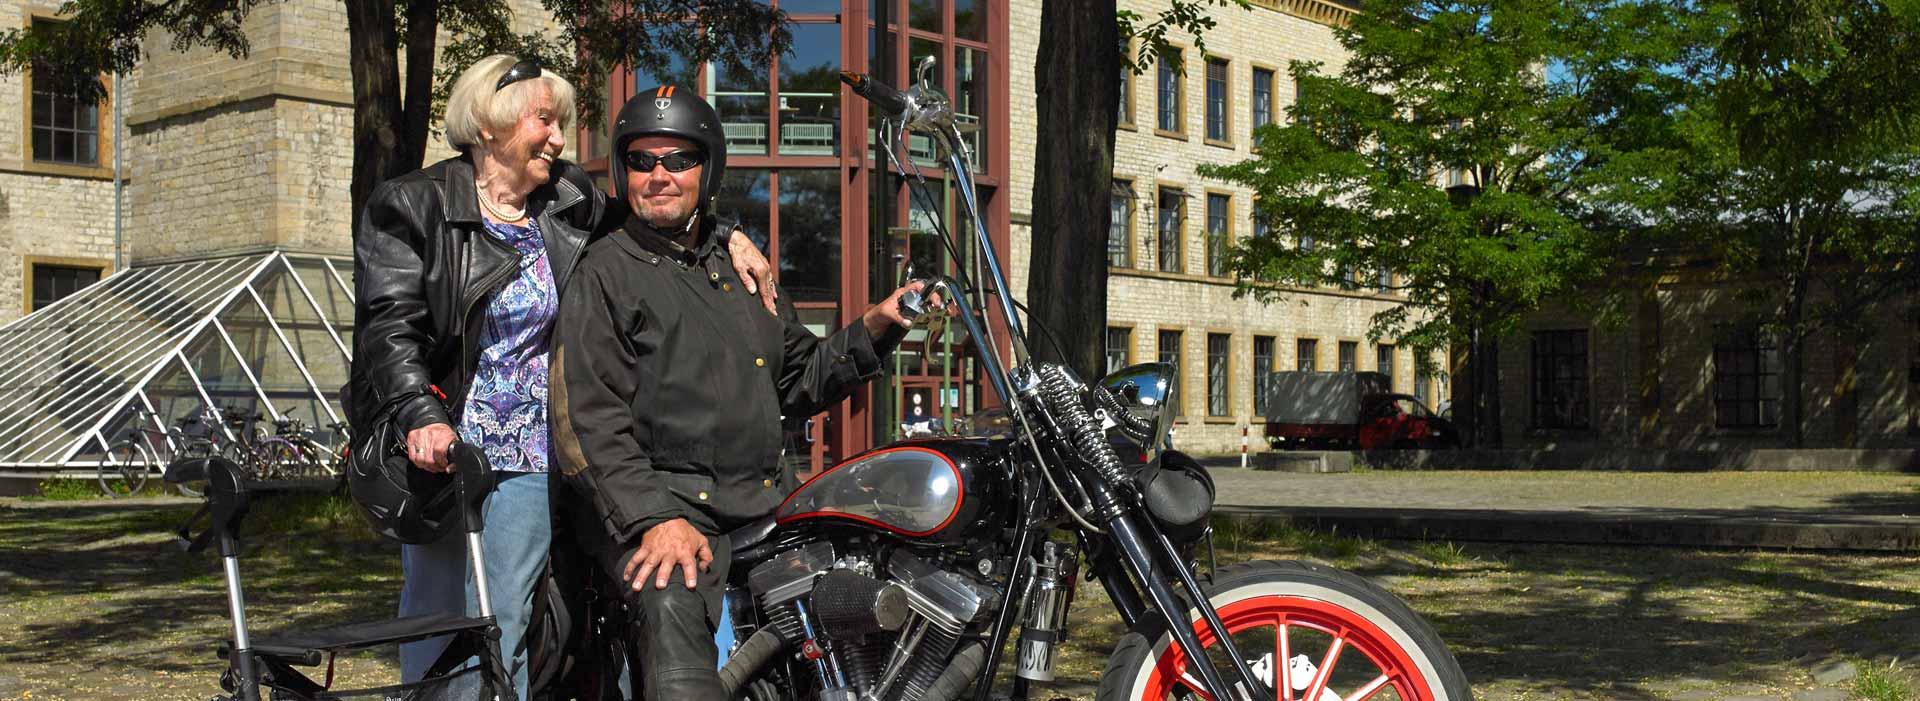 Bielefeld kennenlernen Bielefeld Leute Kennenlernen -